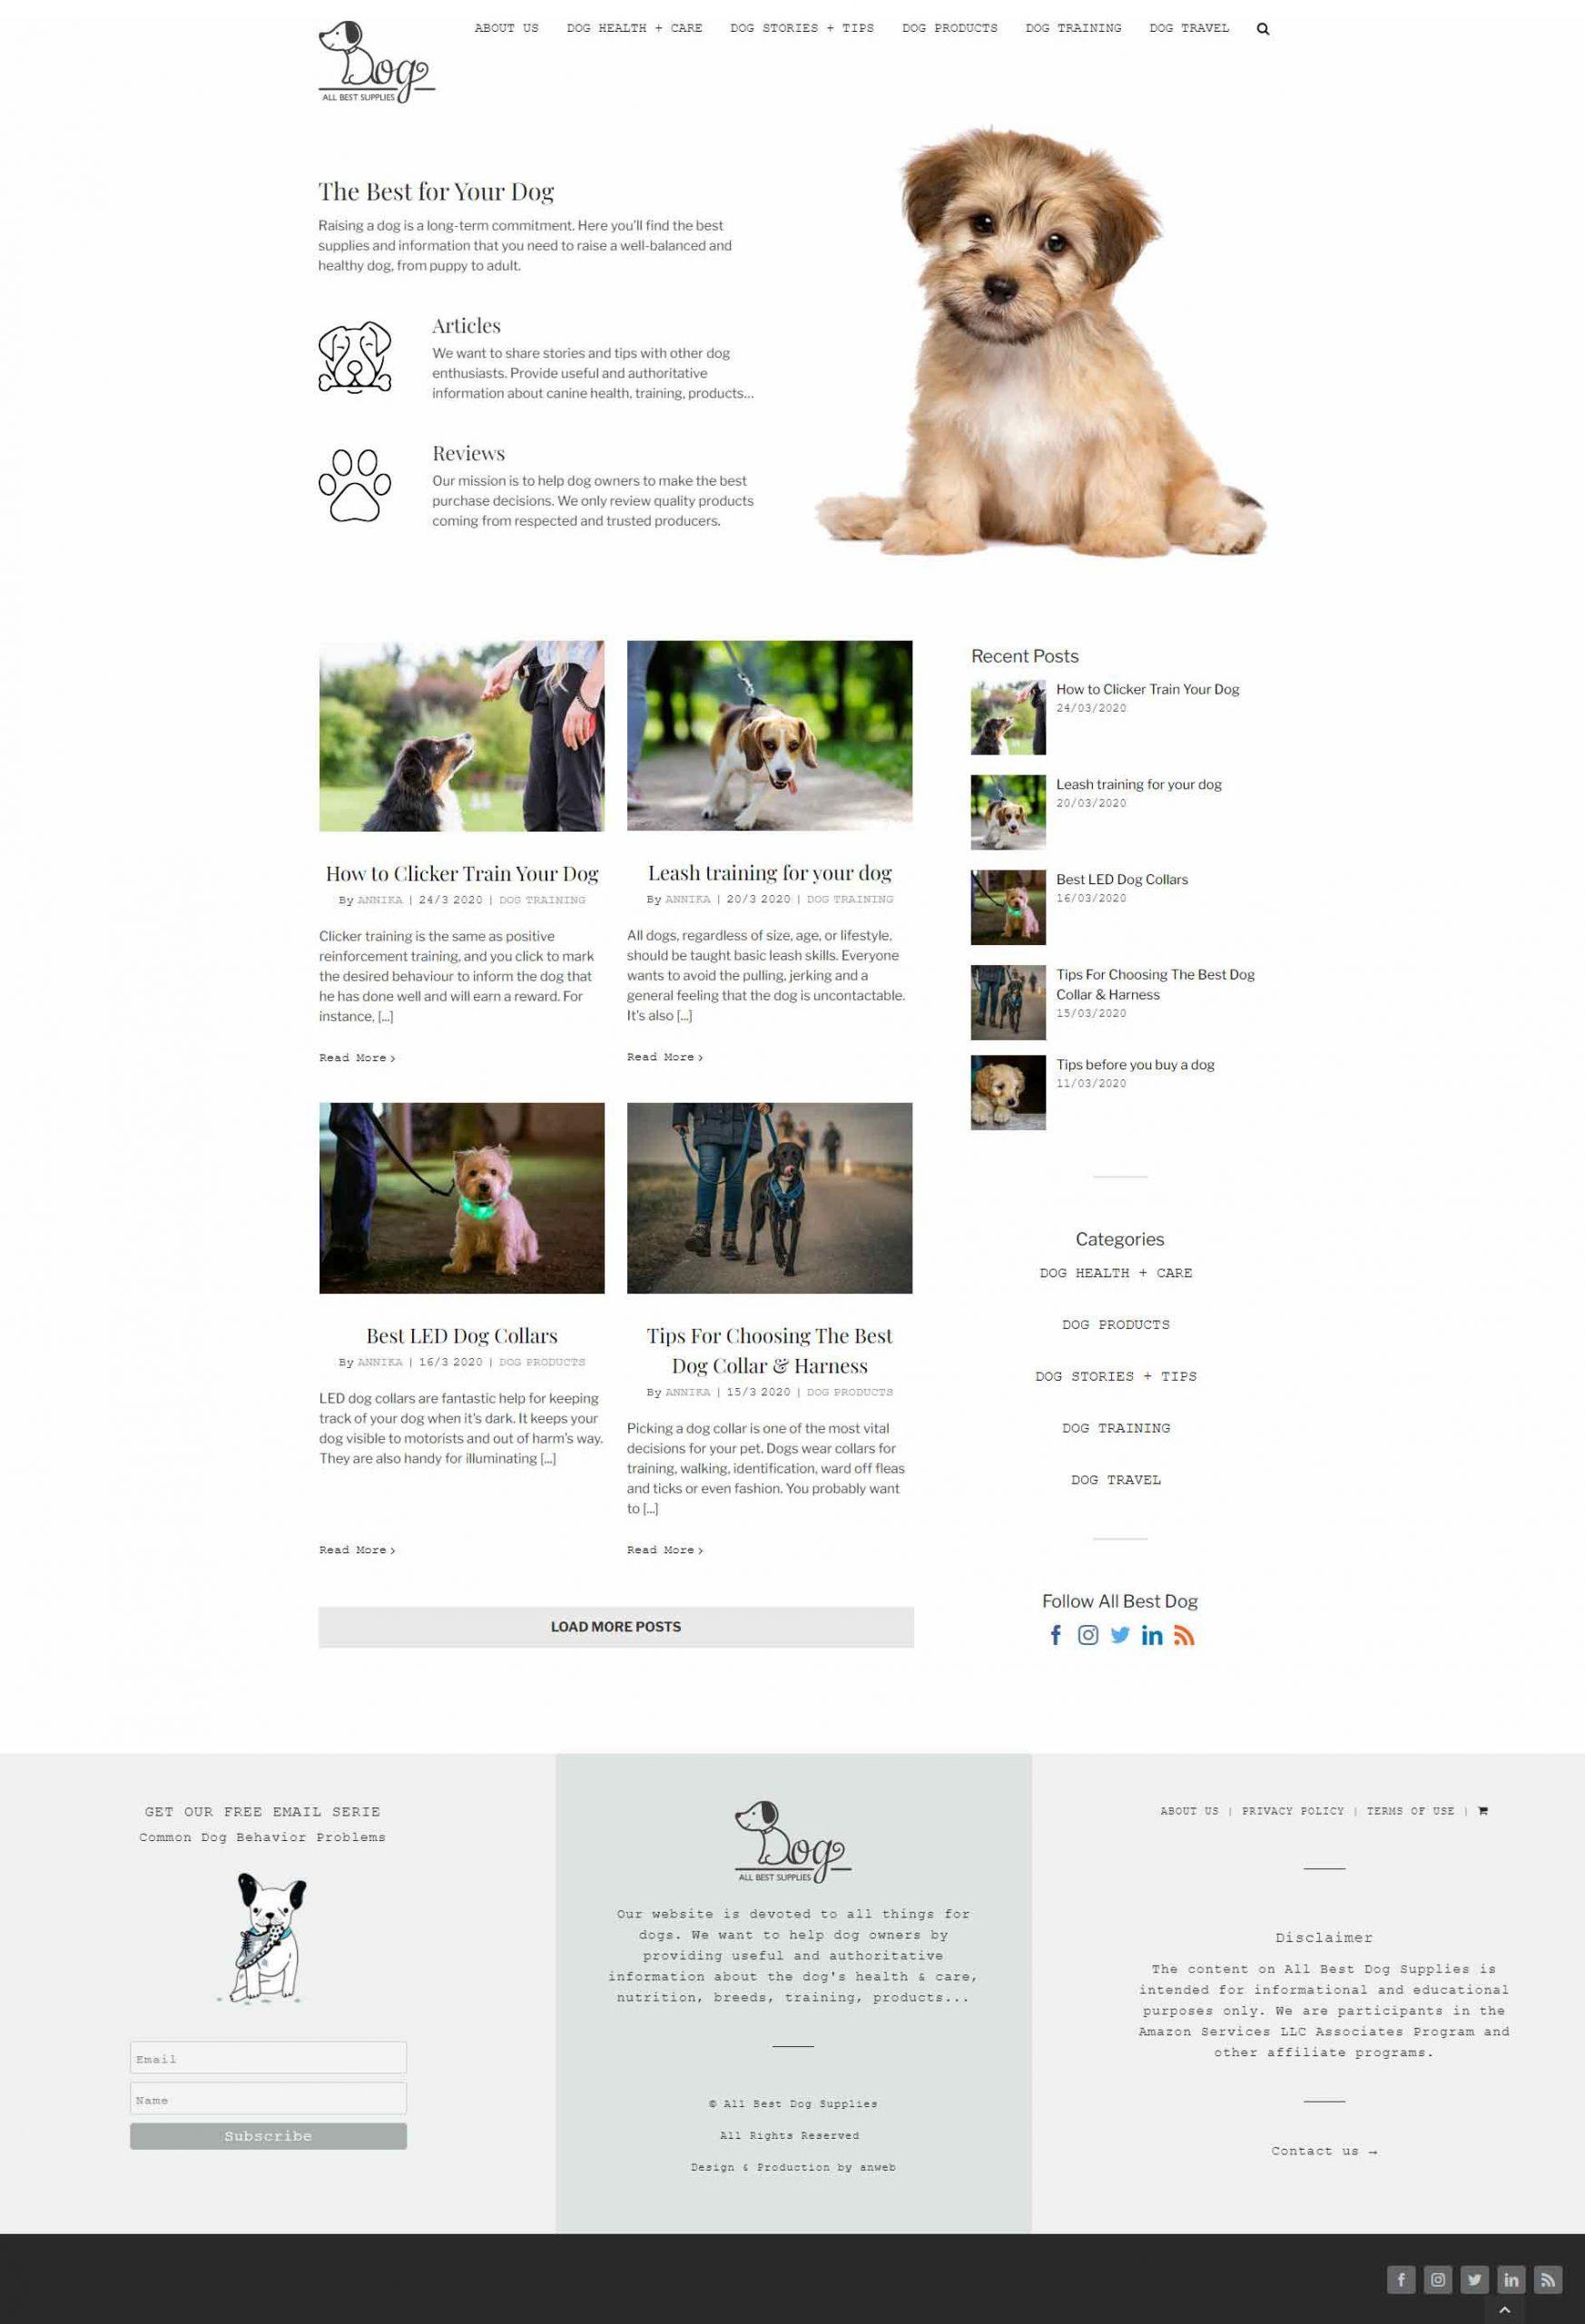 Webbdesign anweb All Best Dog Supplies